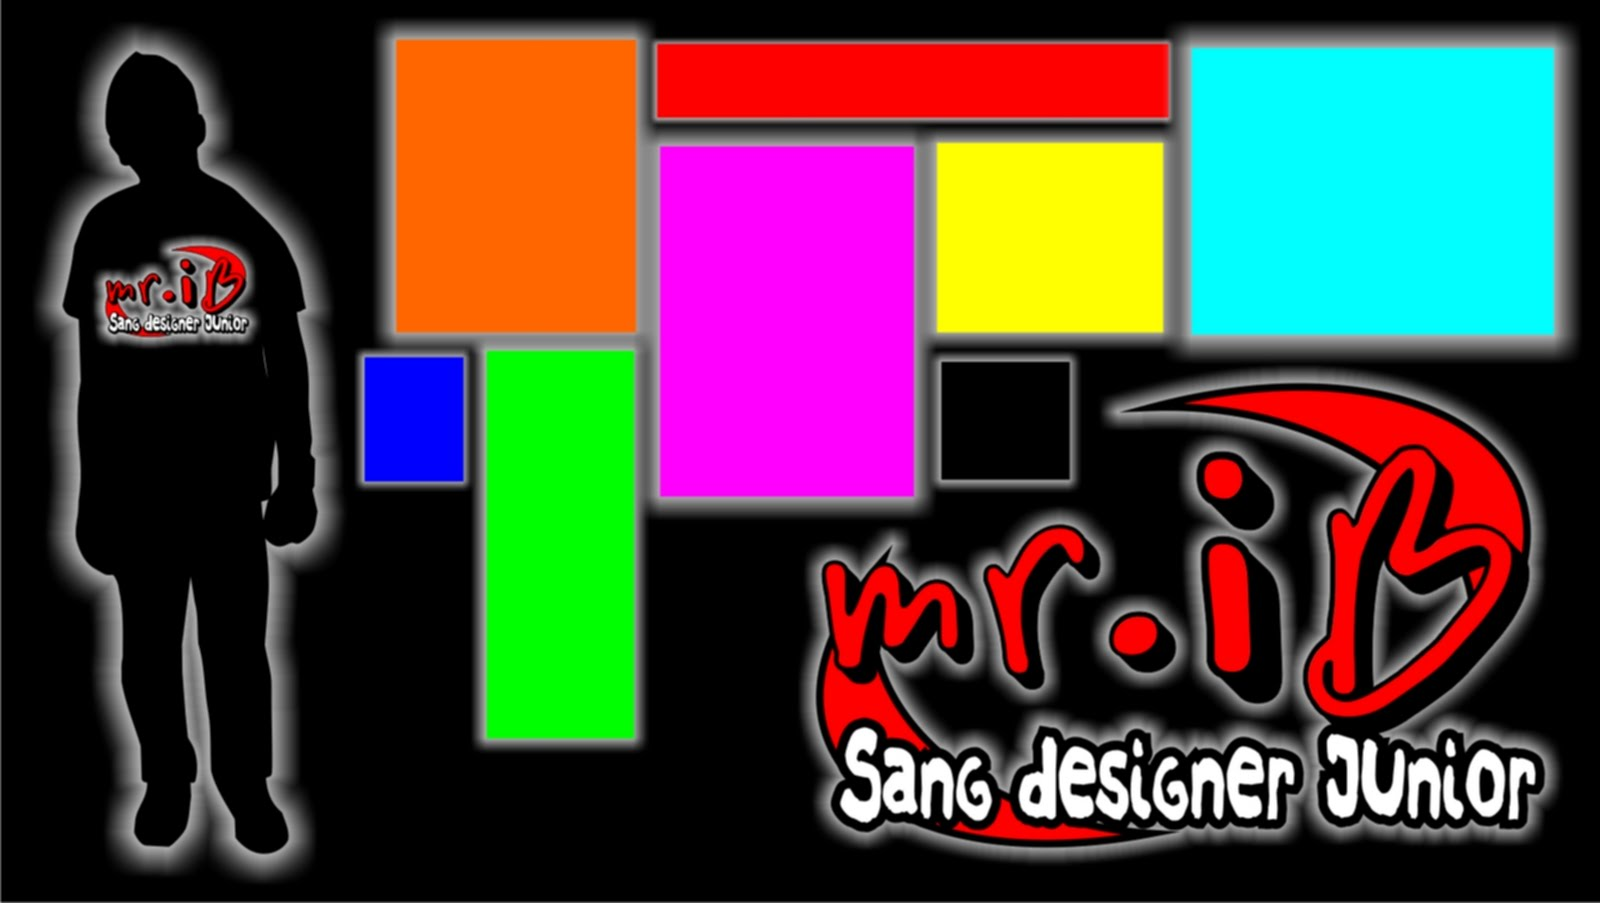 http://4.bp.blogspot.com/_EEtk3qPXm0I/TAsR5ZfNT9I/AAAAAAAAAyo/DZlhUjDAyko/s1600/LOGO+IB01.jpg